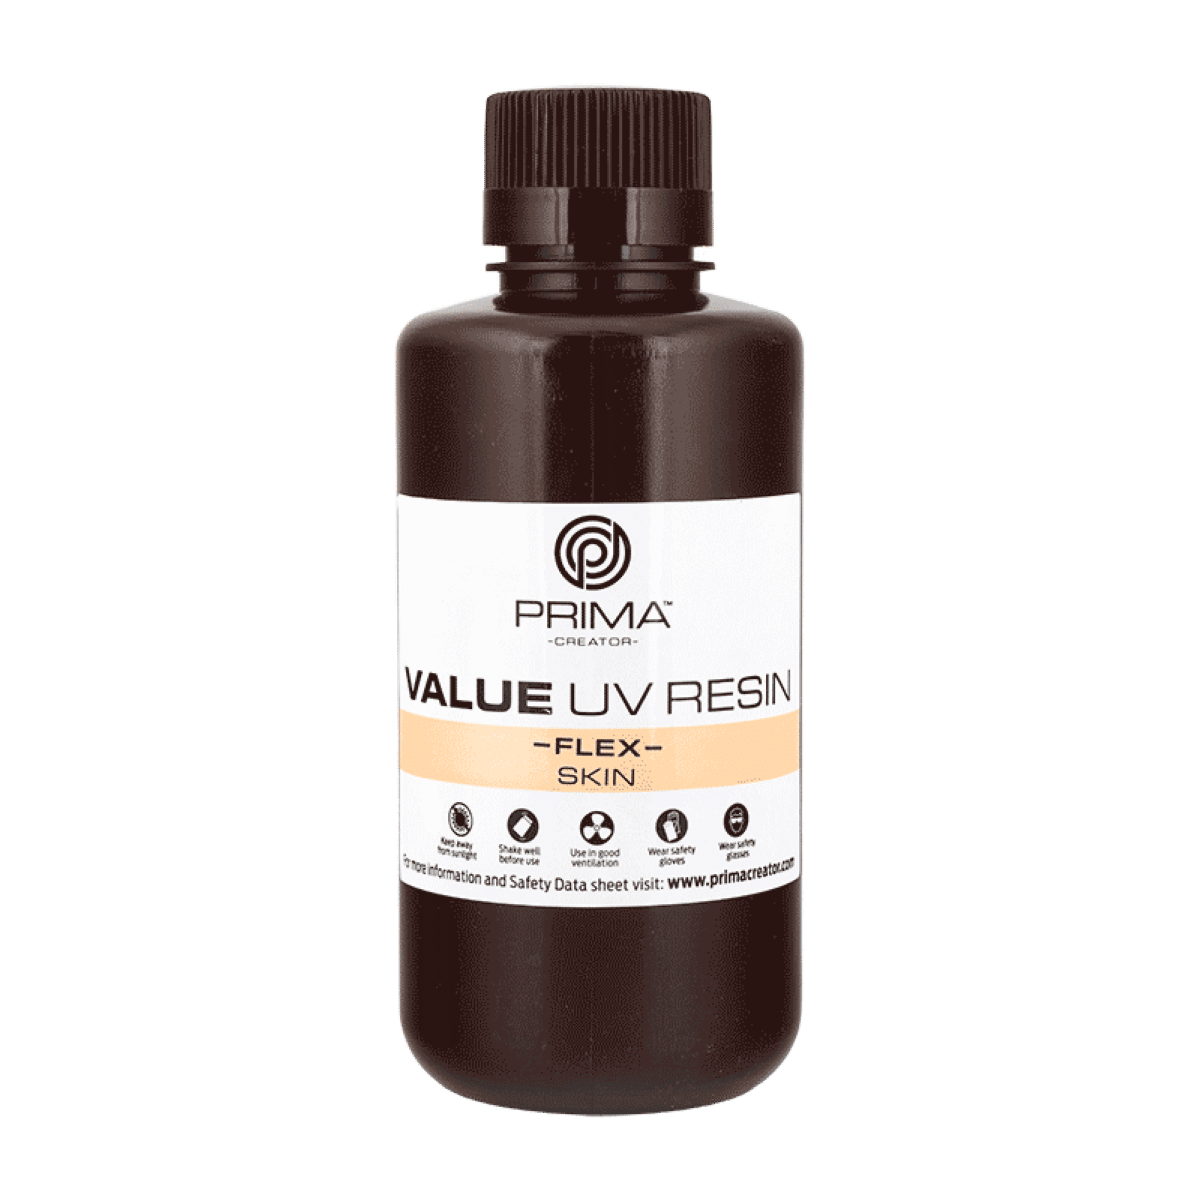 Image of PrimaCreator Value Flex UV Resin - 500 ml - Skin